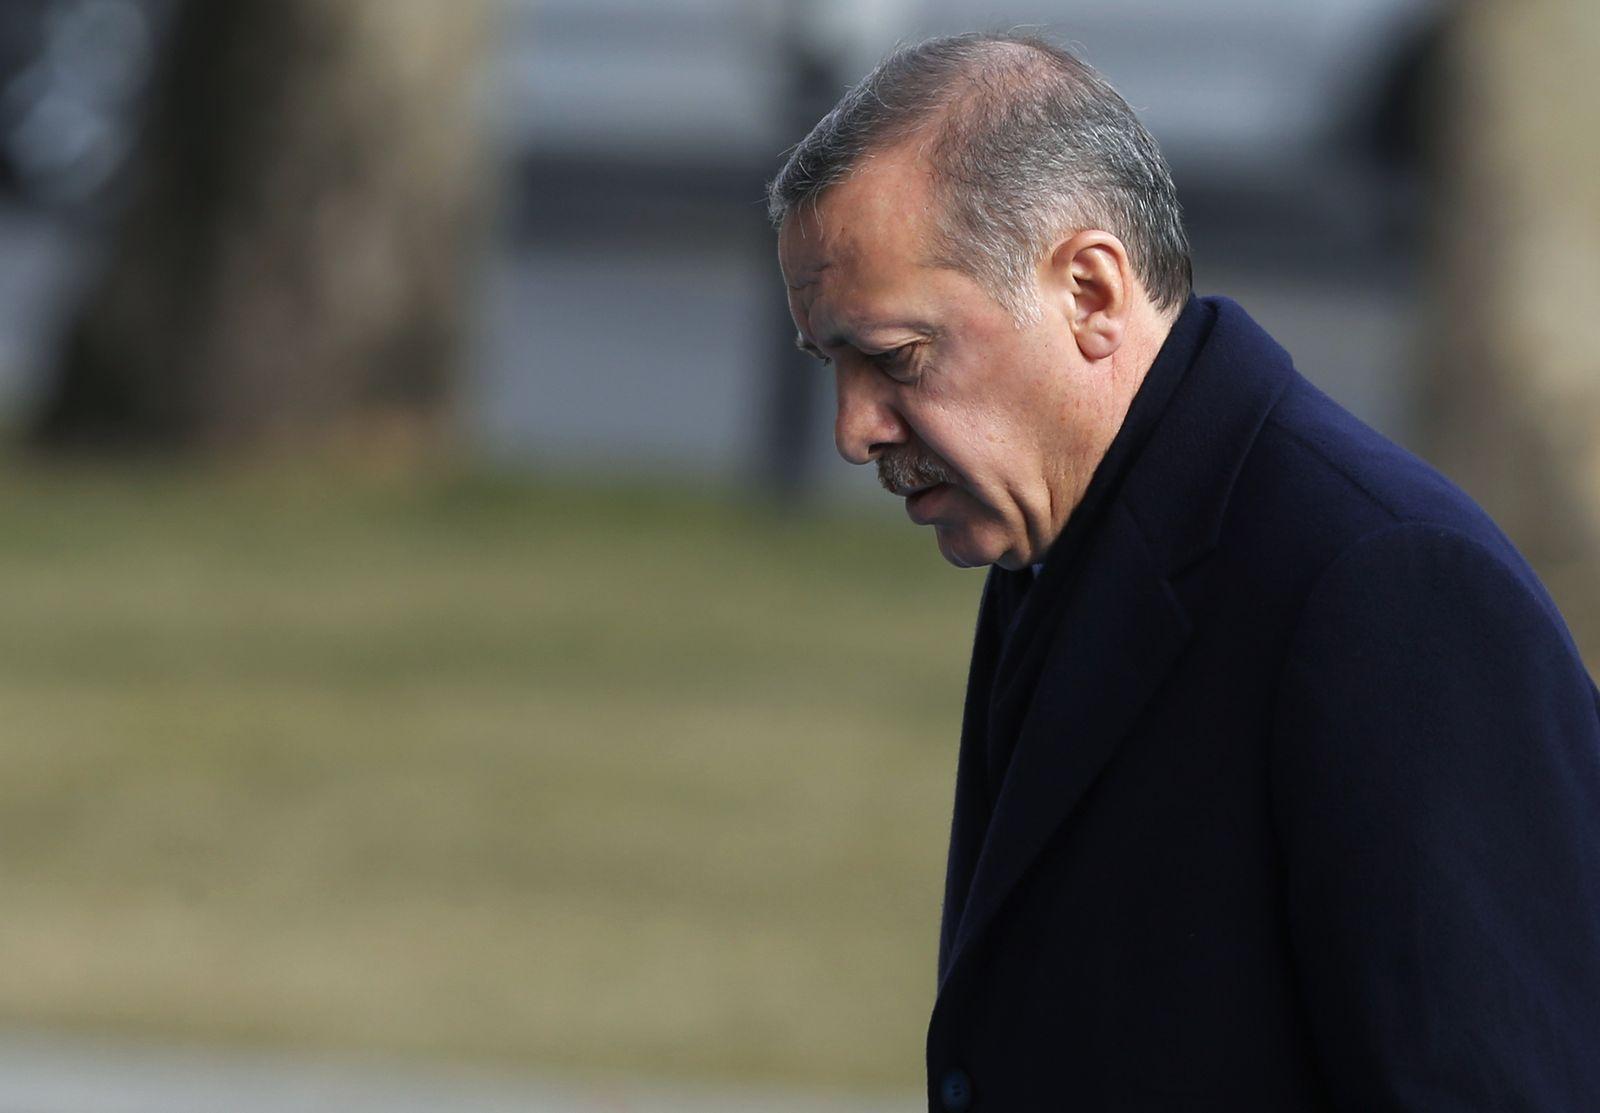 TURKEY-CORRUPTION/ERDOGAN